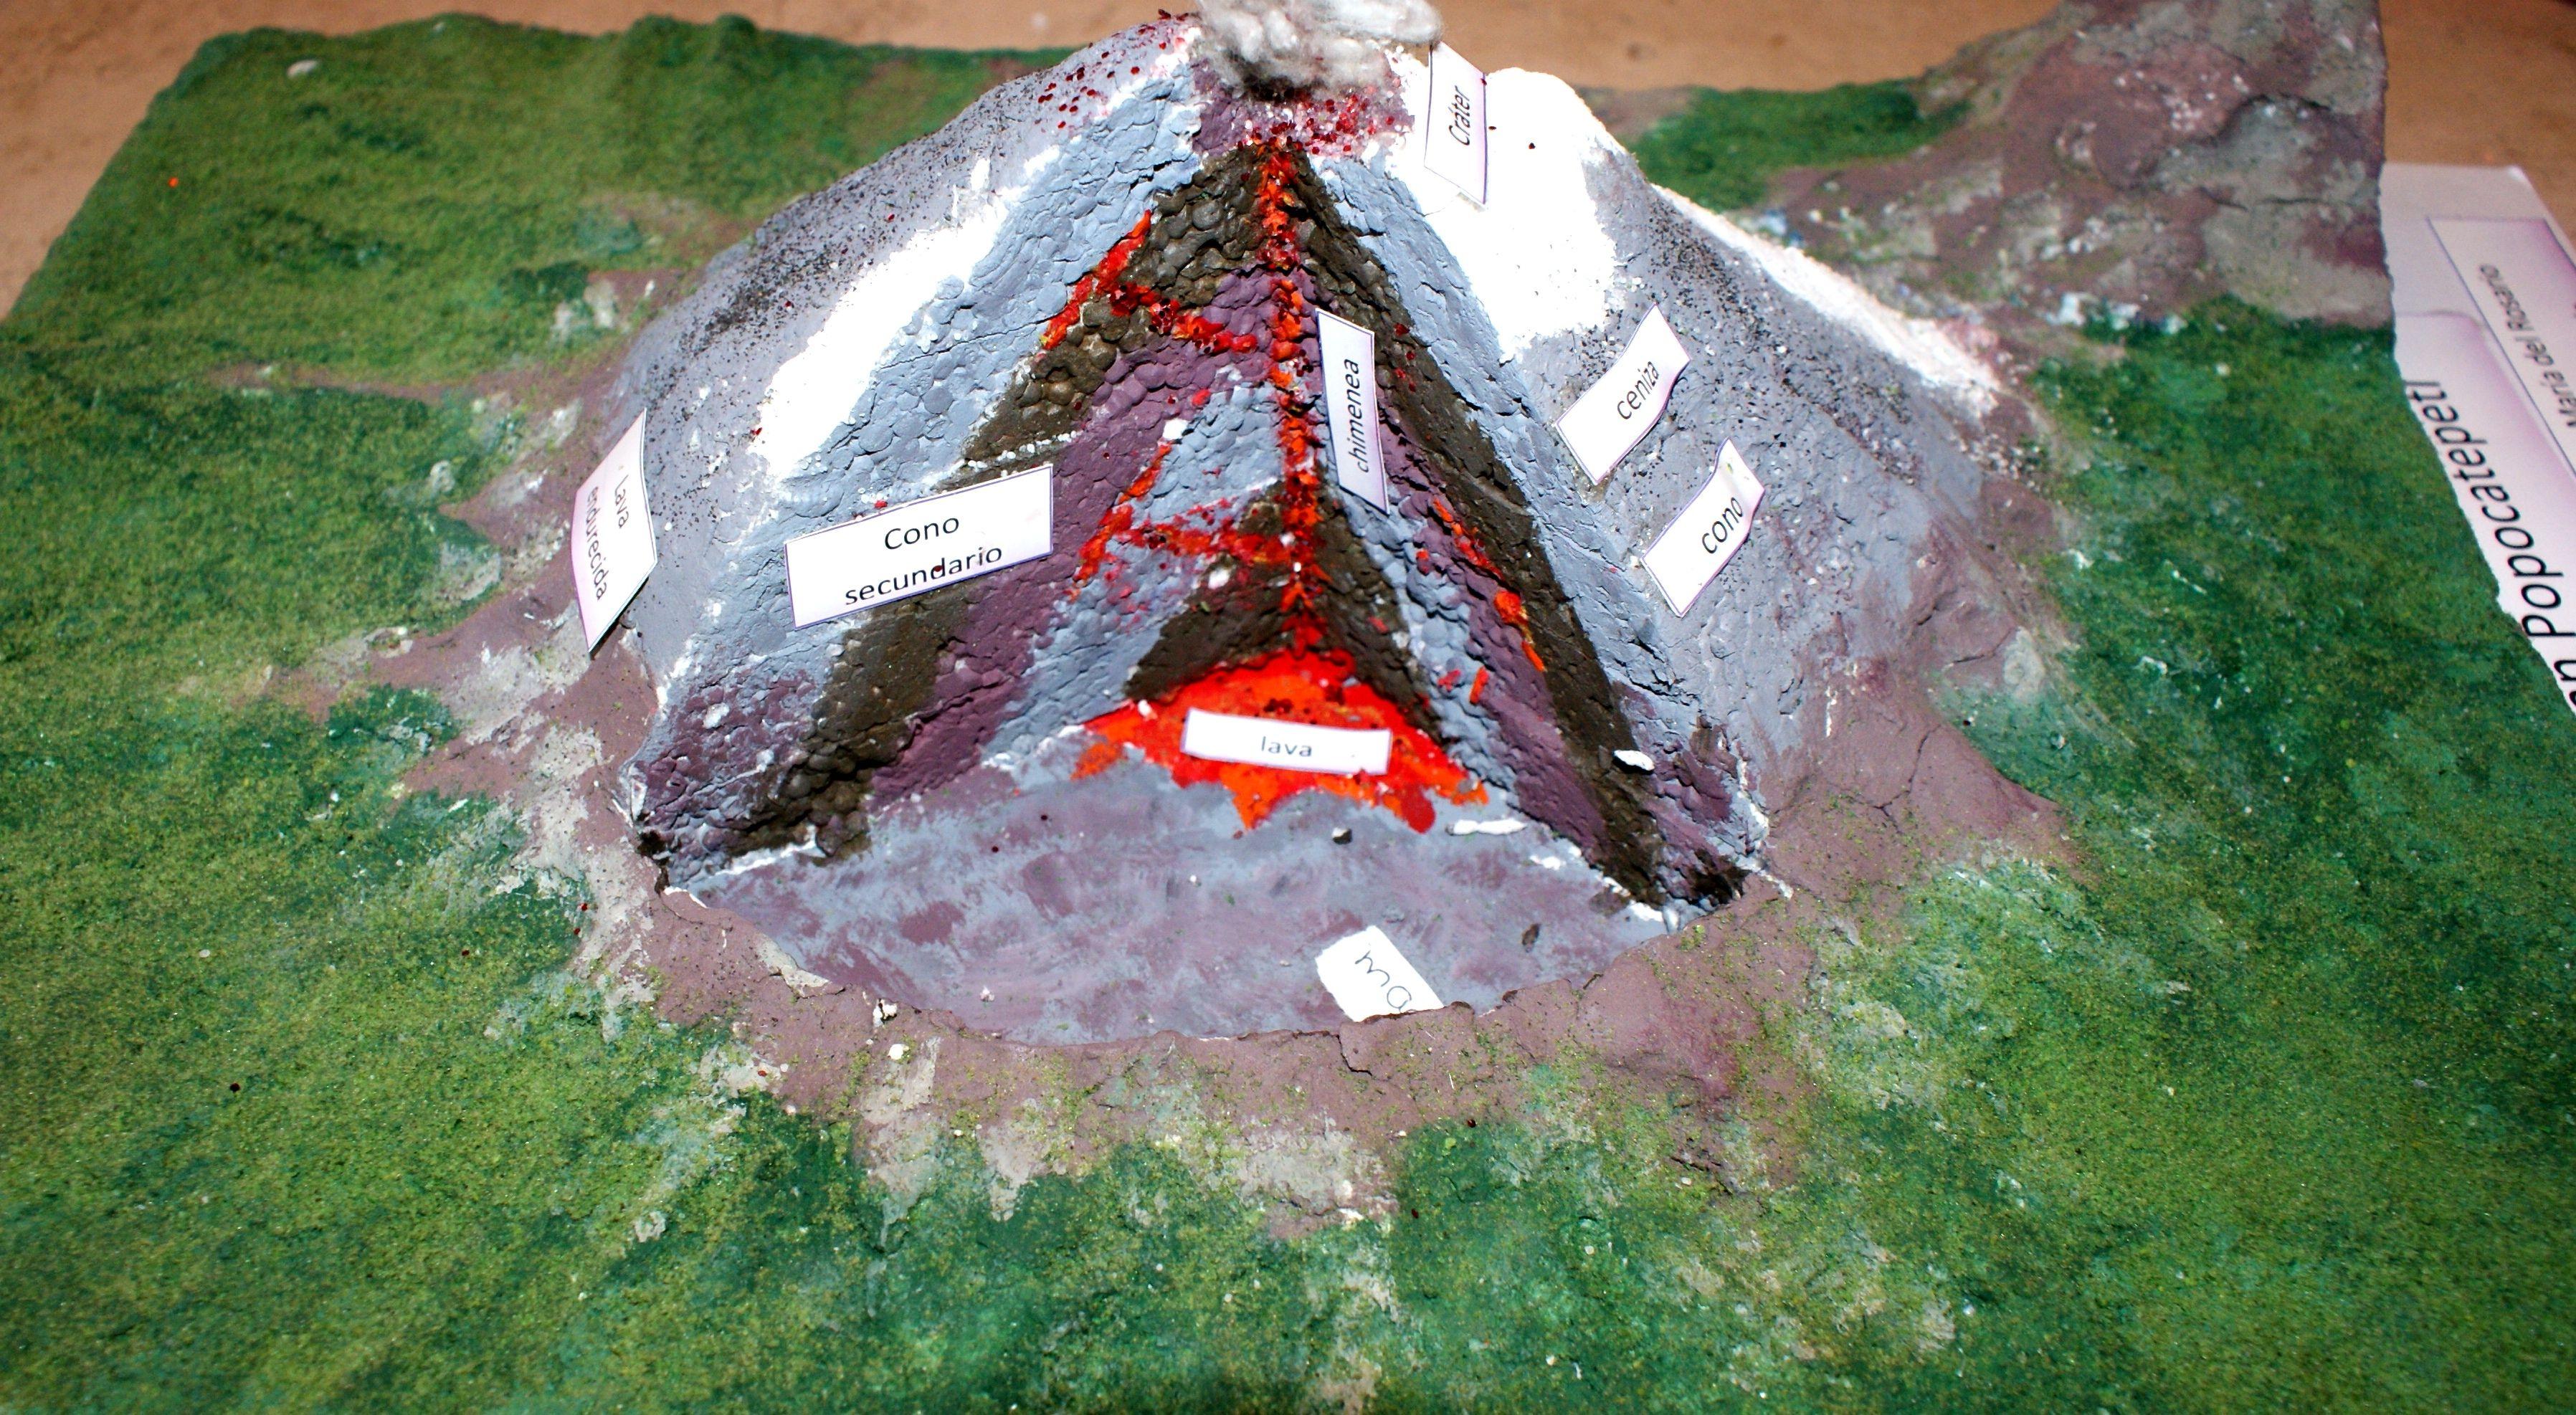 Maqueta de las capas del volcán Popocatepetl. Realizada en base de ...